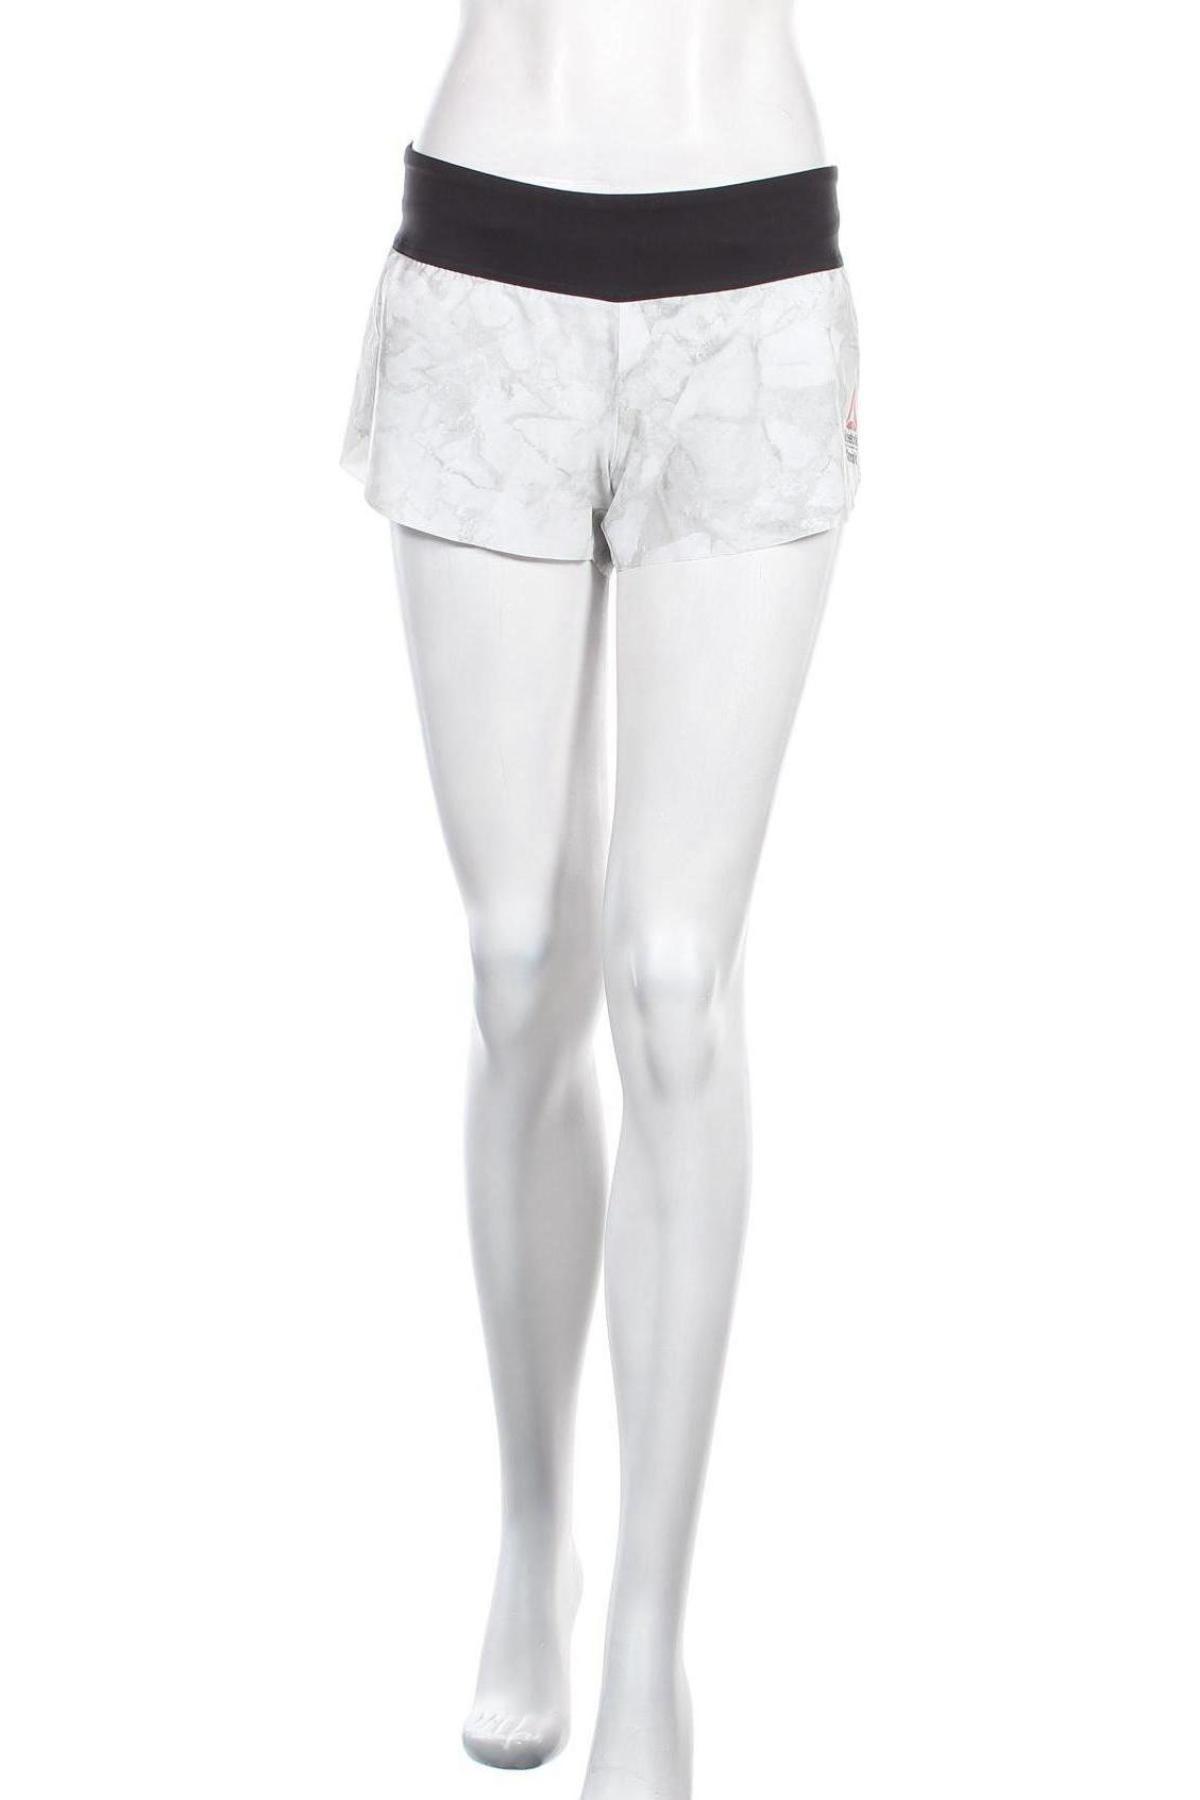 Γυναικείο κοντό παντελόνι Reebok, Μέγεθος M, Χρώμα Γκρί, 86% πολυεστέρας, 14% ελαστάνη, Τιμή 12,06€